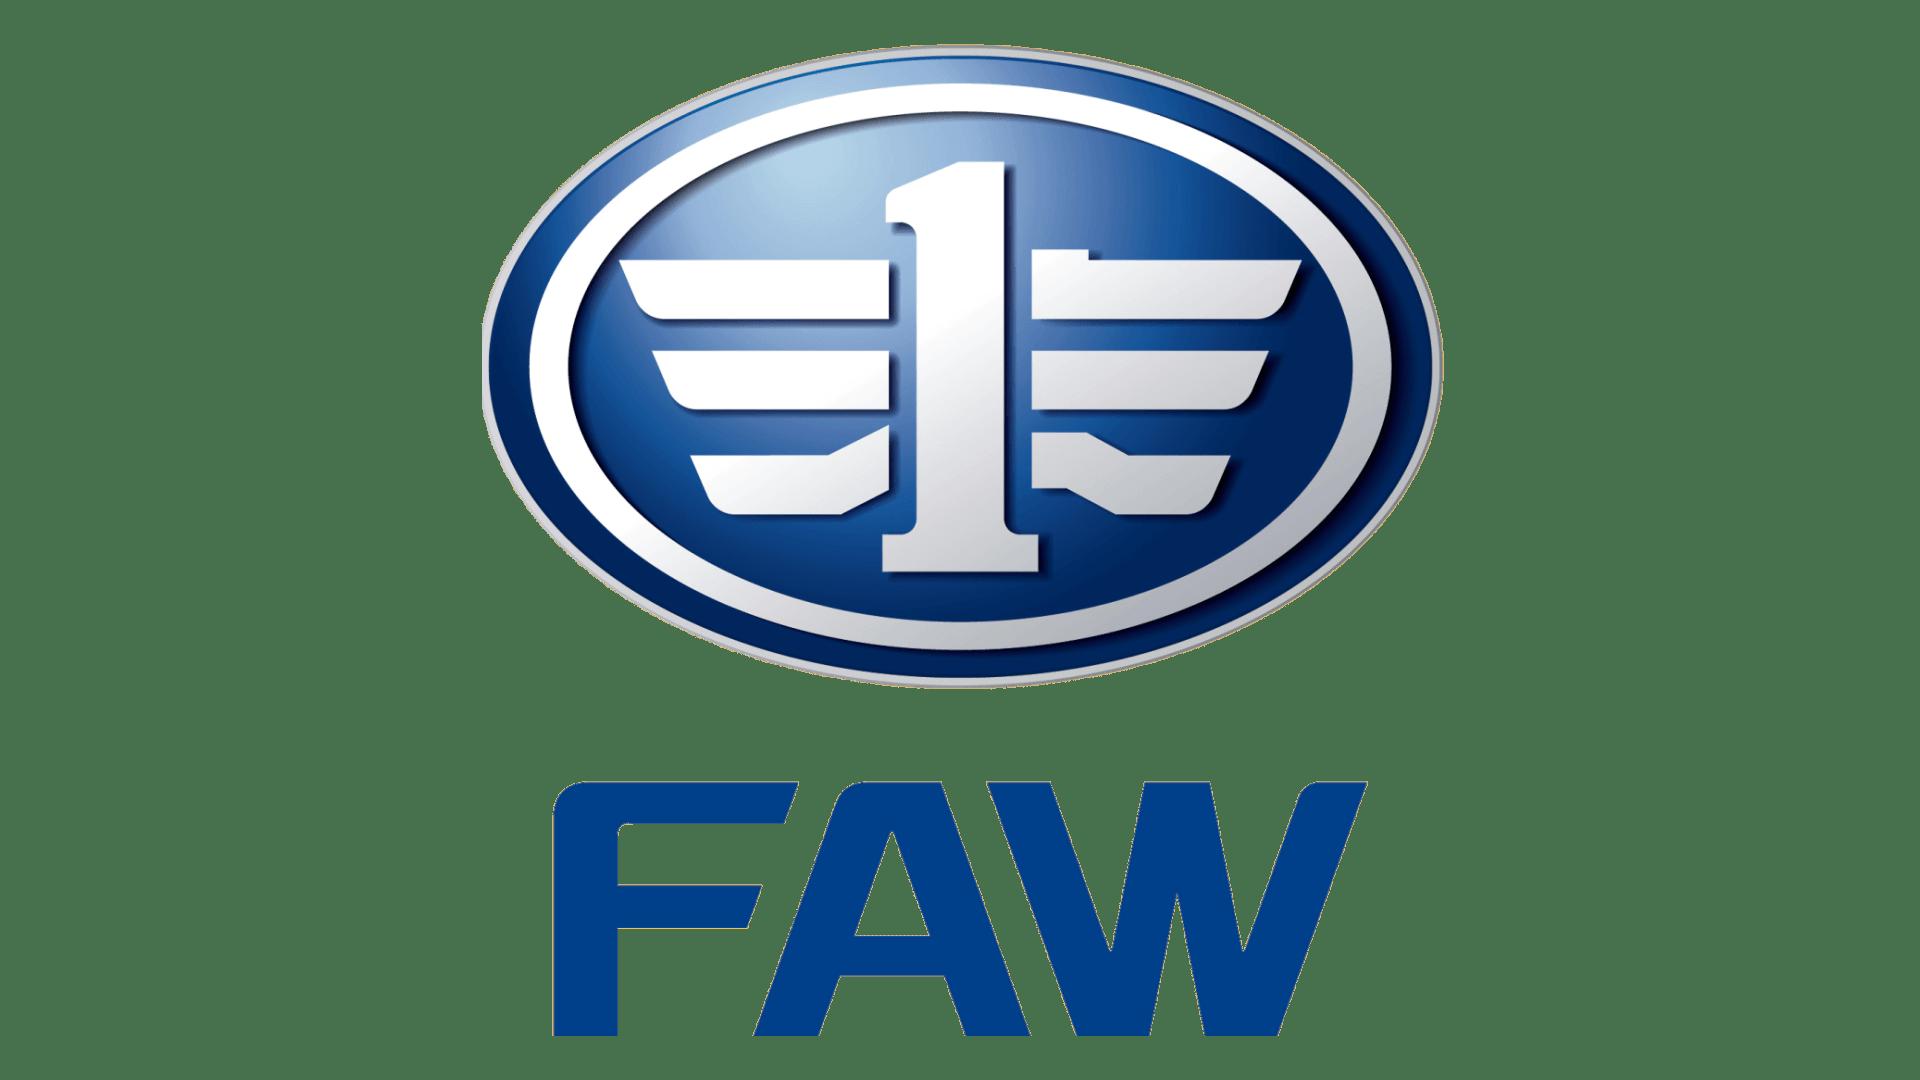 Логотип FAW (First Automobile Works)